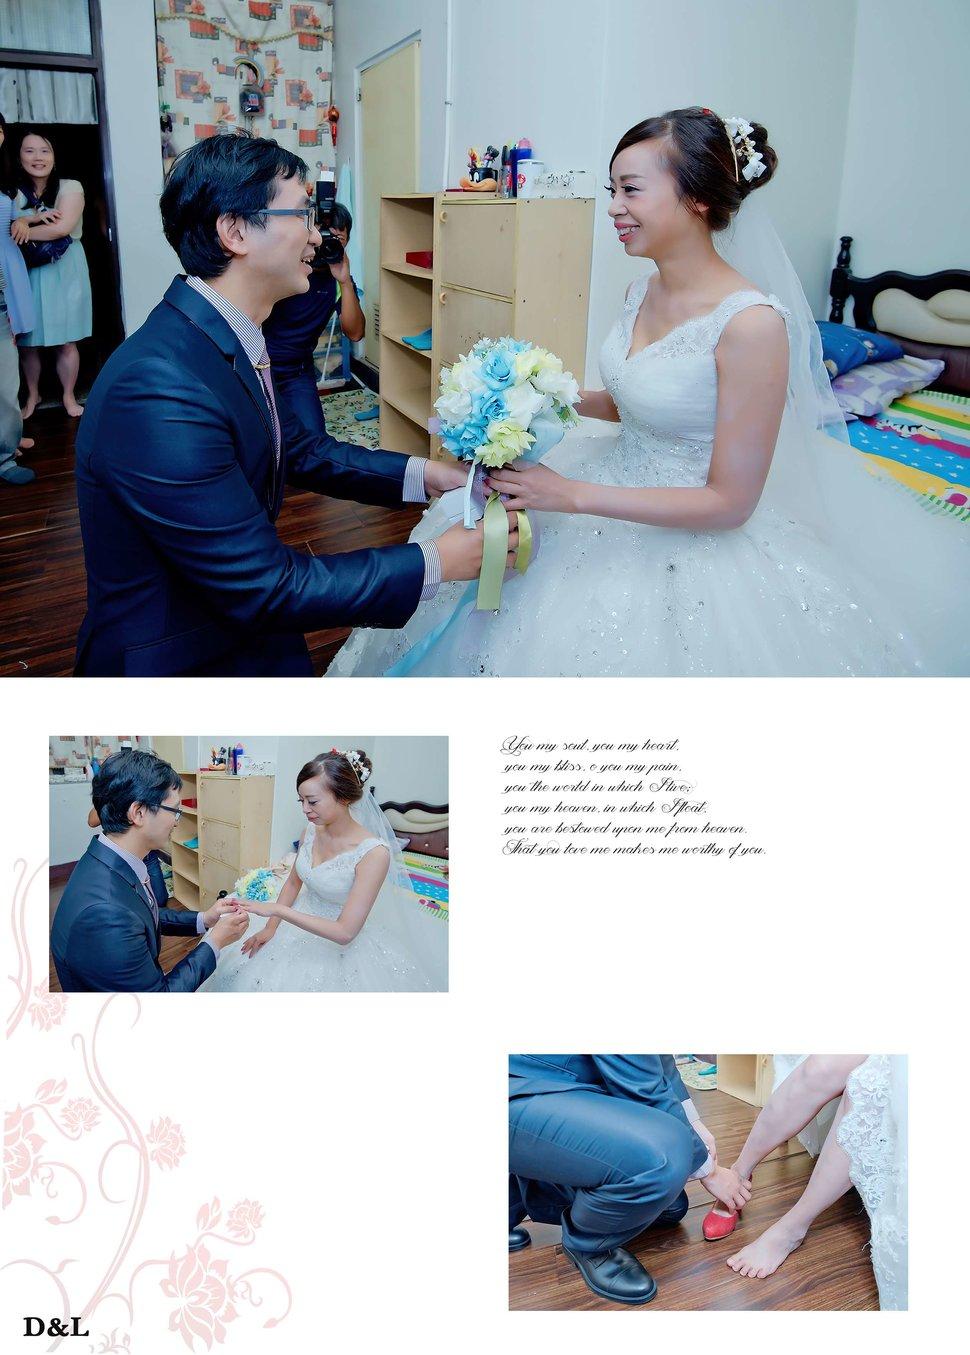 台中婚攝 婚禮記錄 訂結午宴 球愛物語景觀婚禮會館 平面攝影(編號:374399) - D&L 婚禮事務-婚紗攝影/婚禮記錄 - 結婚吧